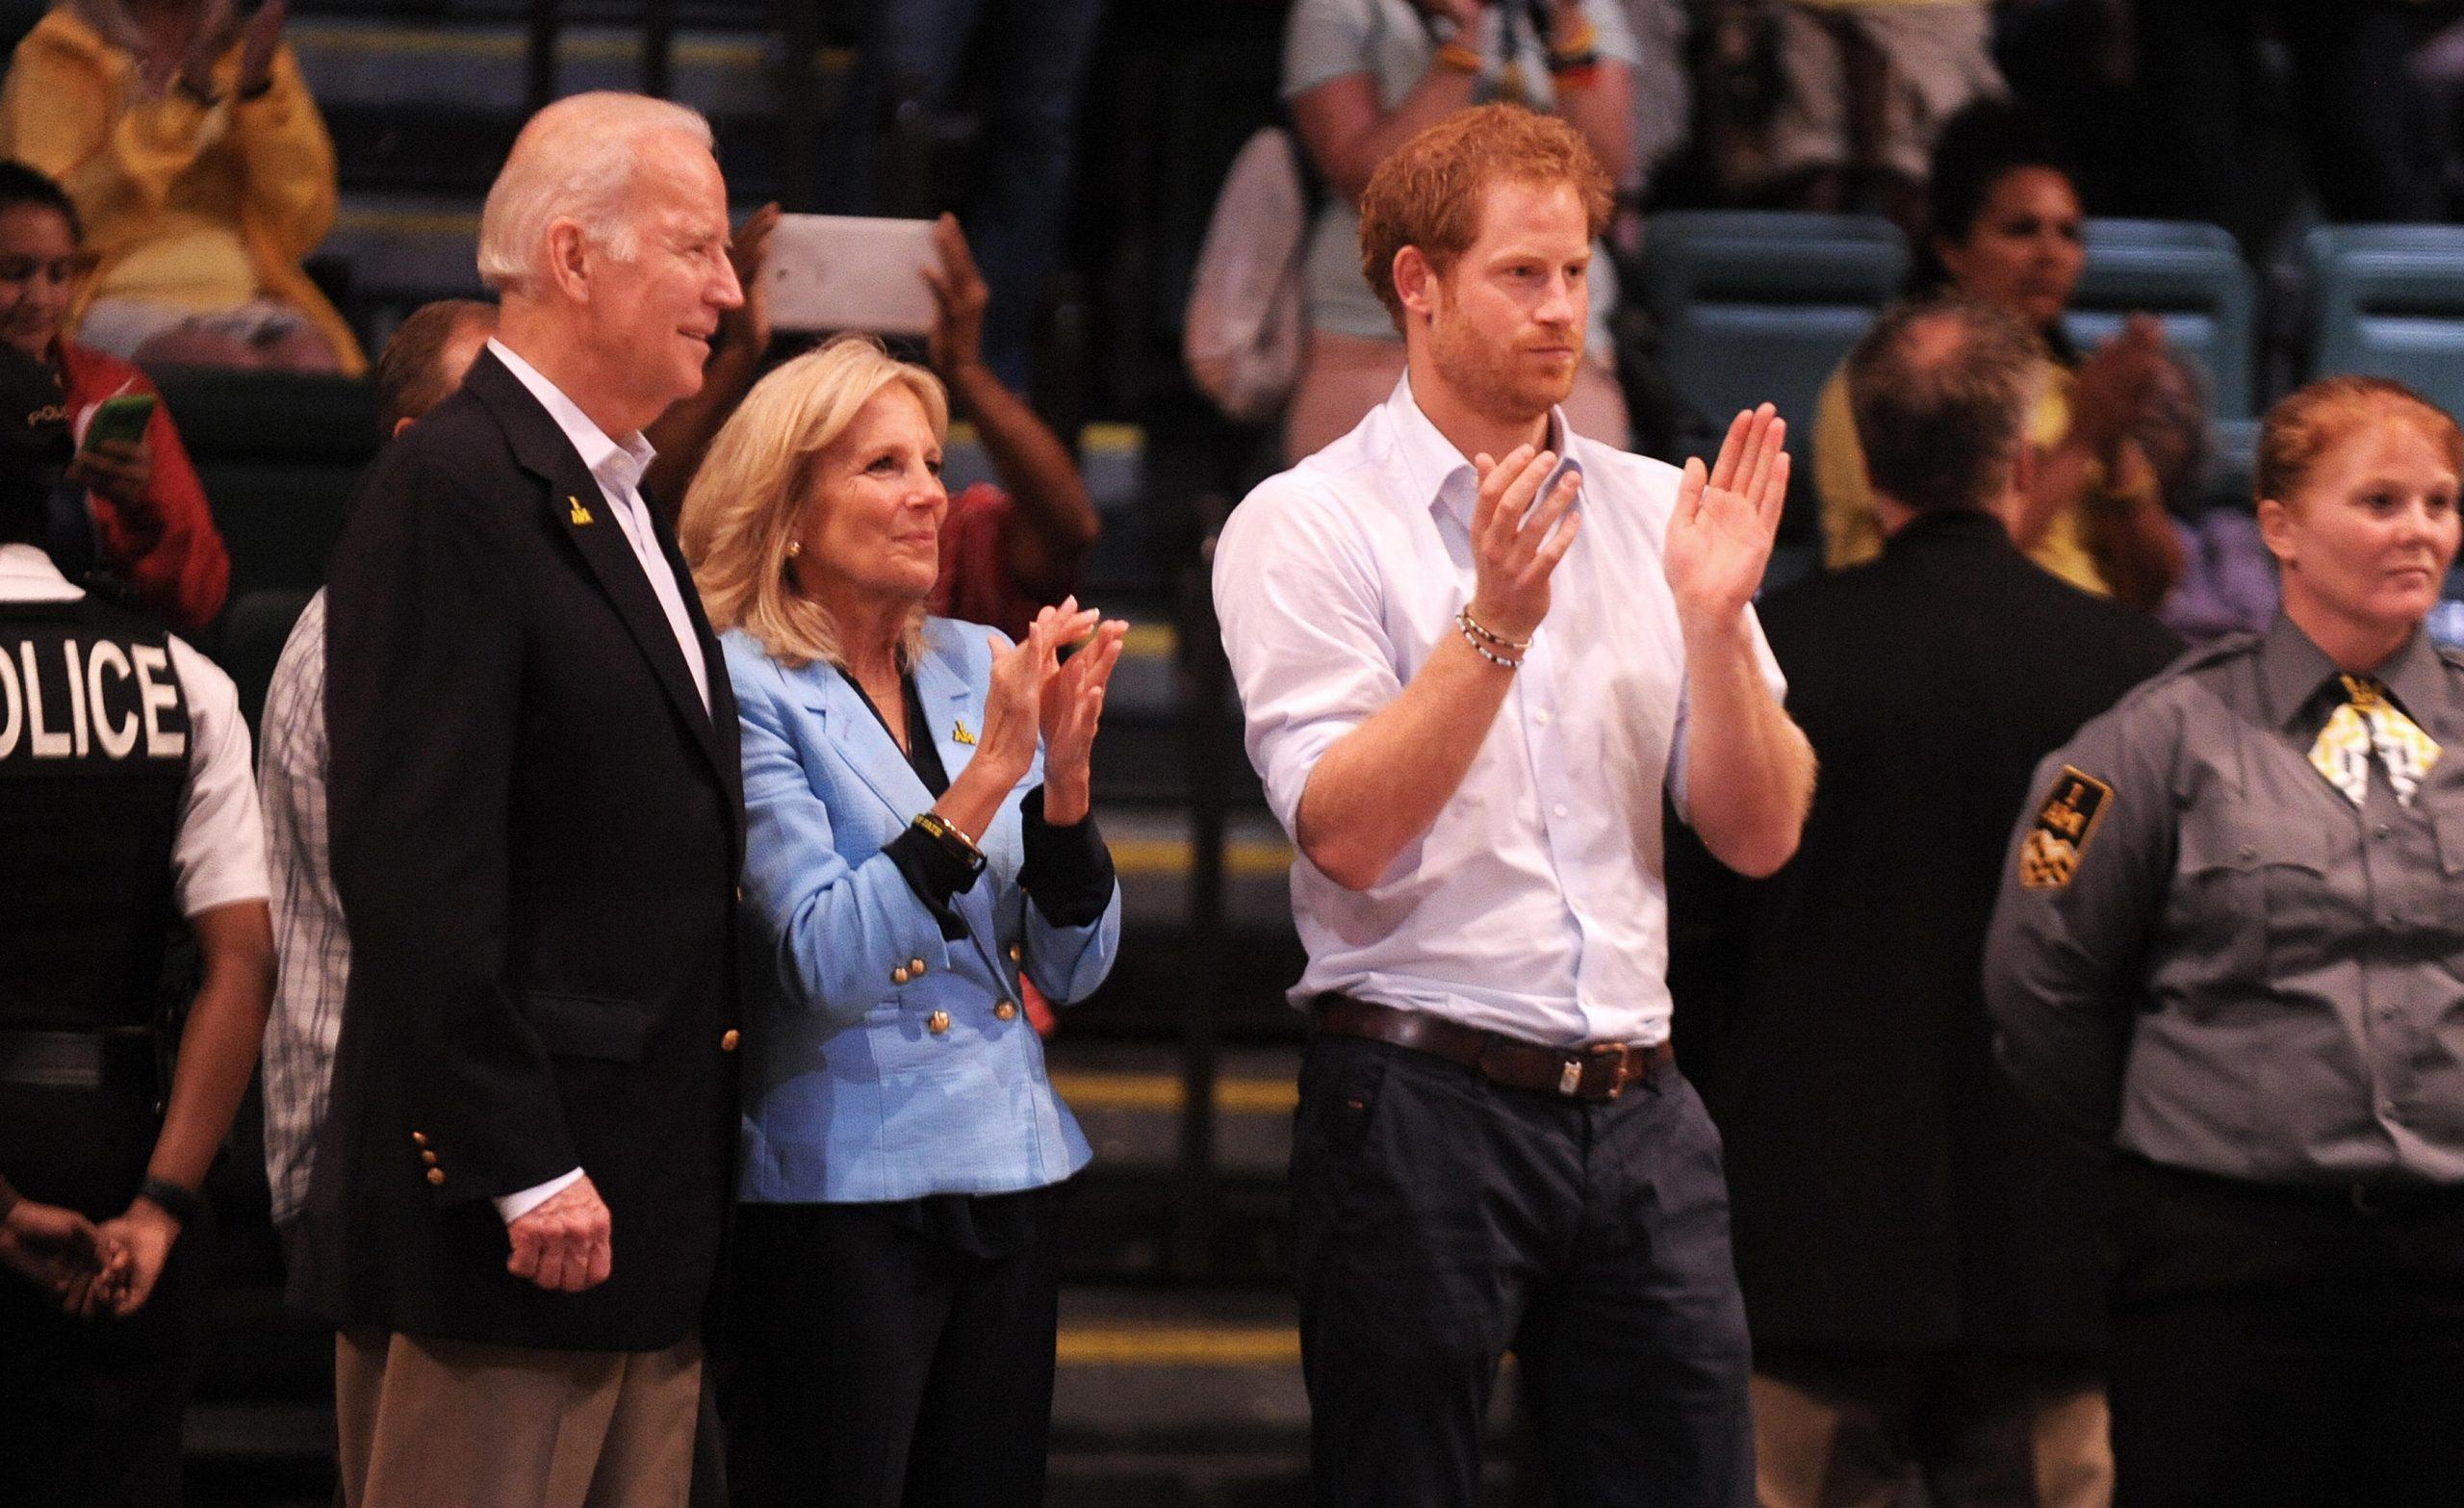 Пријателството на принцот Хари со идната прва дама на Америка Џил Бајден  мета на критики: Премолчено политичко поддржување - Слободен печат